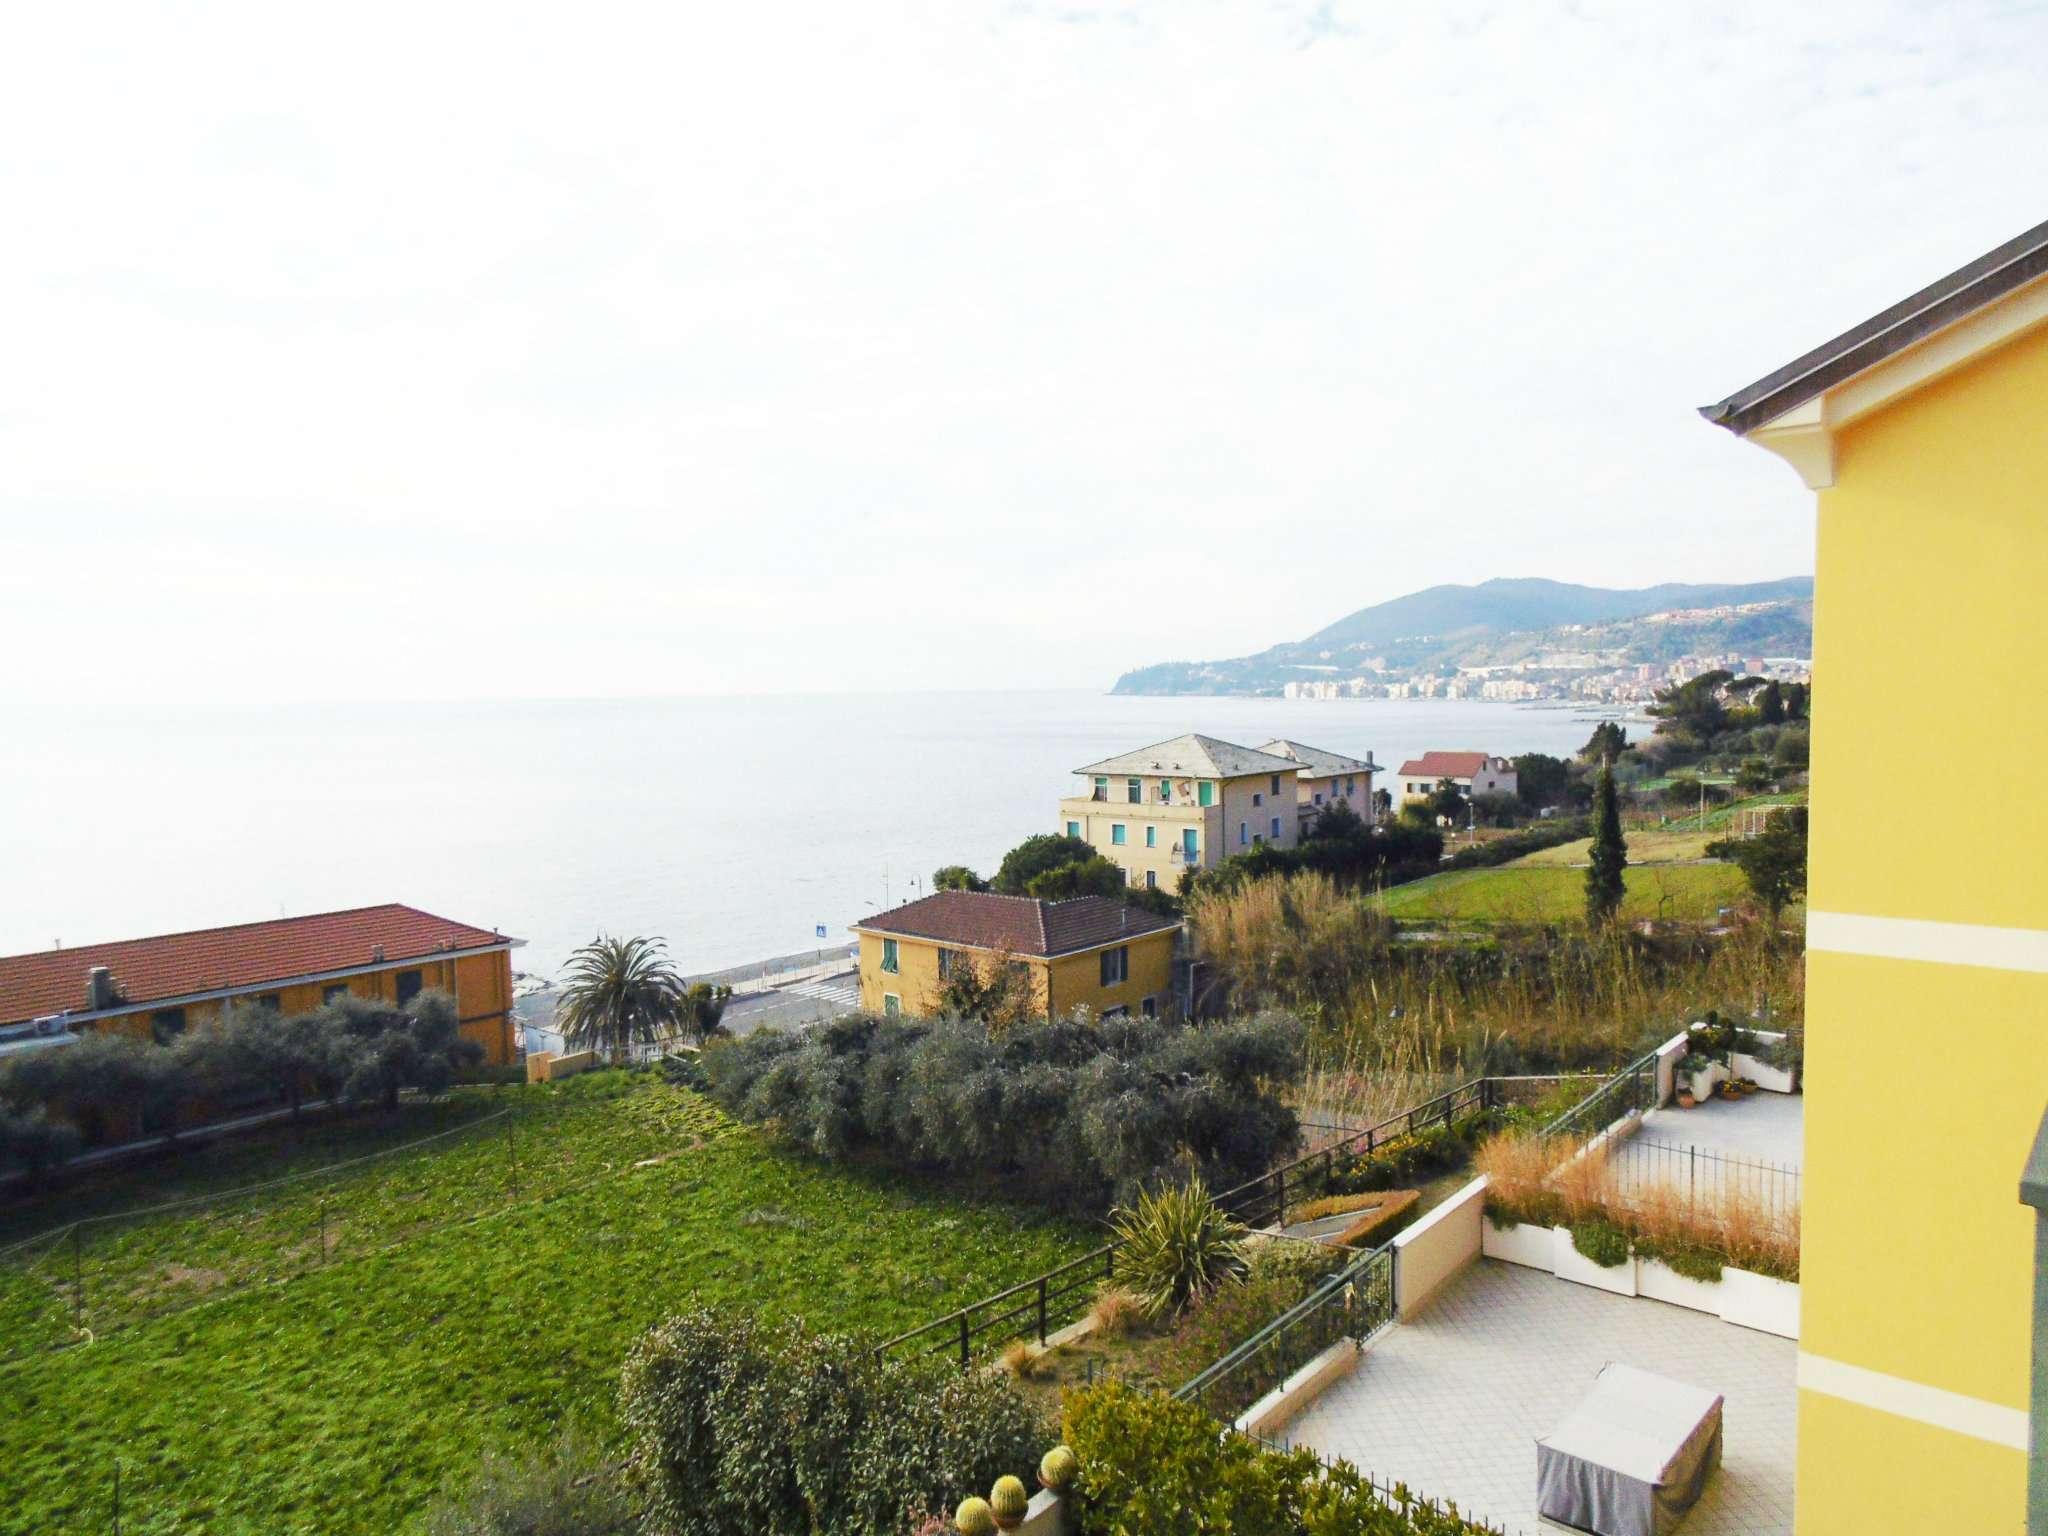 Attico / Mansarda in vendita a Cogoleto, 4 locali, prezzo € 470.000 | CambioCasa.it